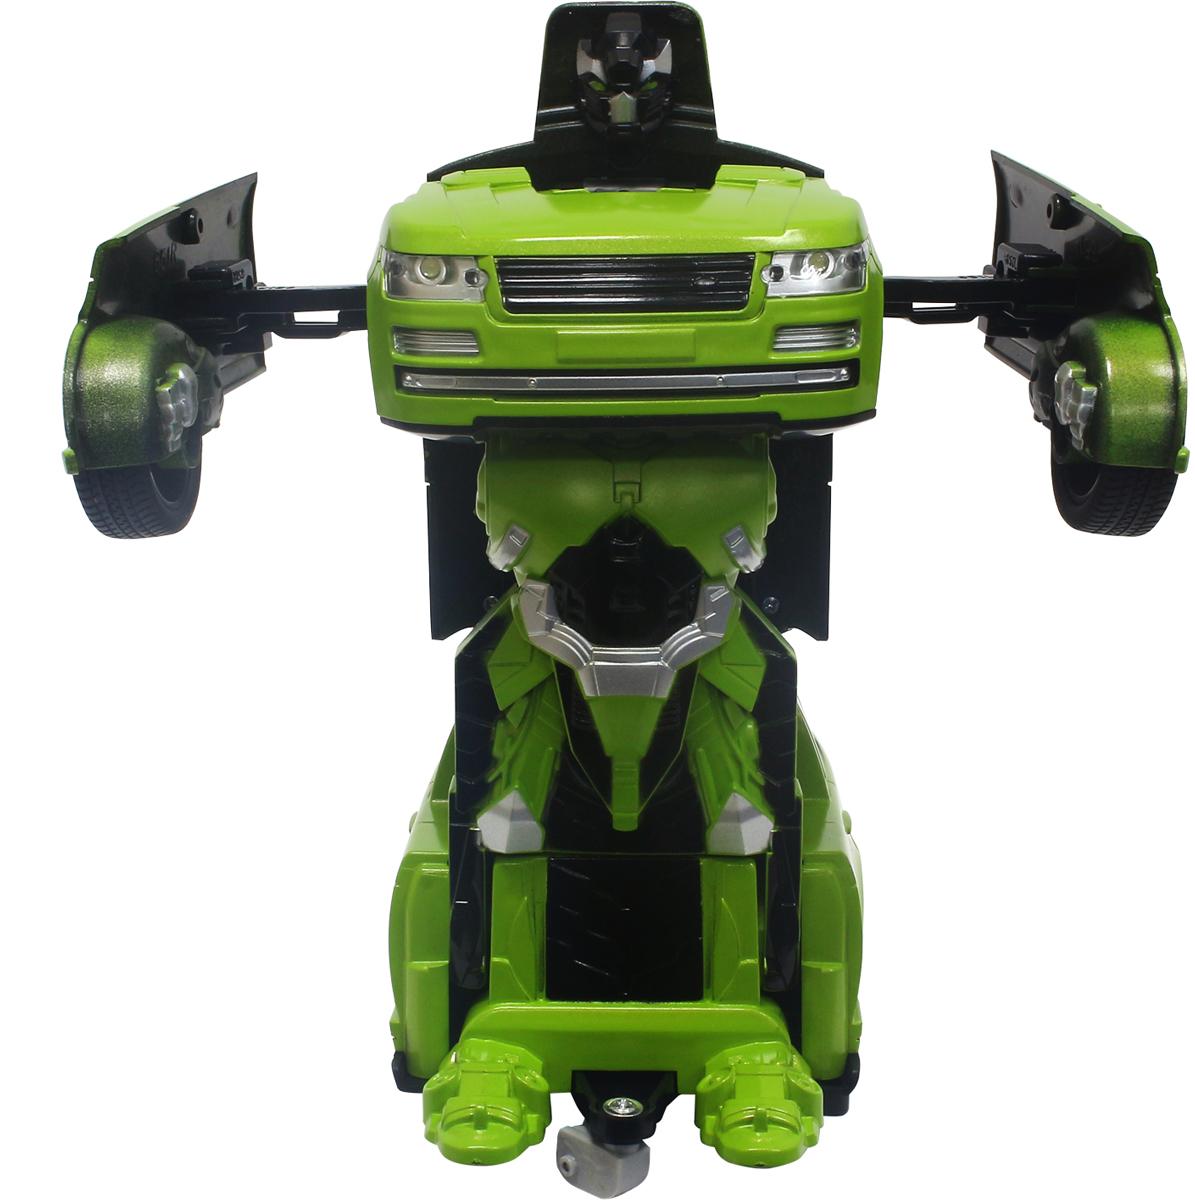 1TOY Робот-трансформер на радиоуправлении Джип цвет зеленый yako робот трансформер цвет желтый зеленый